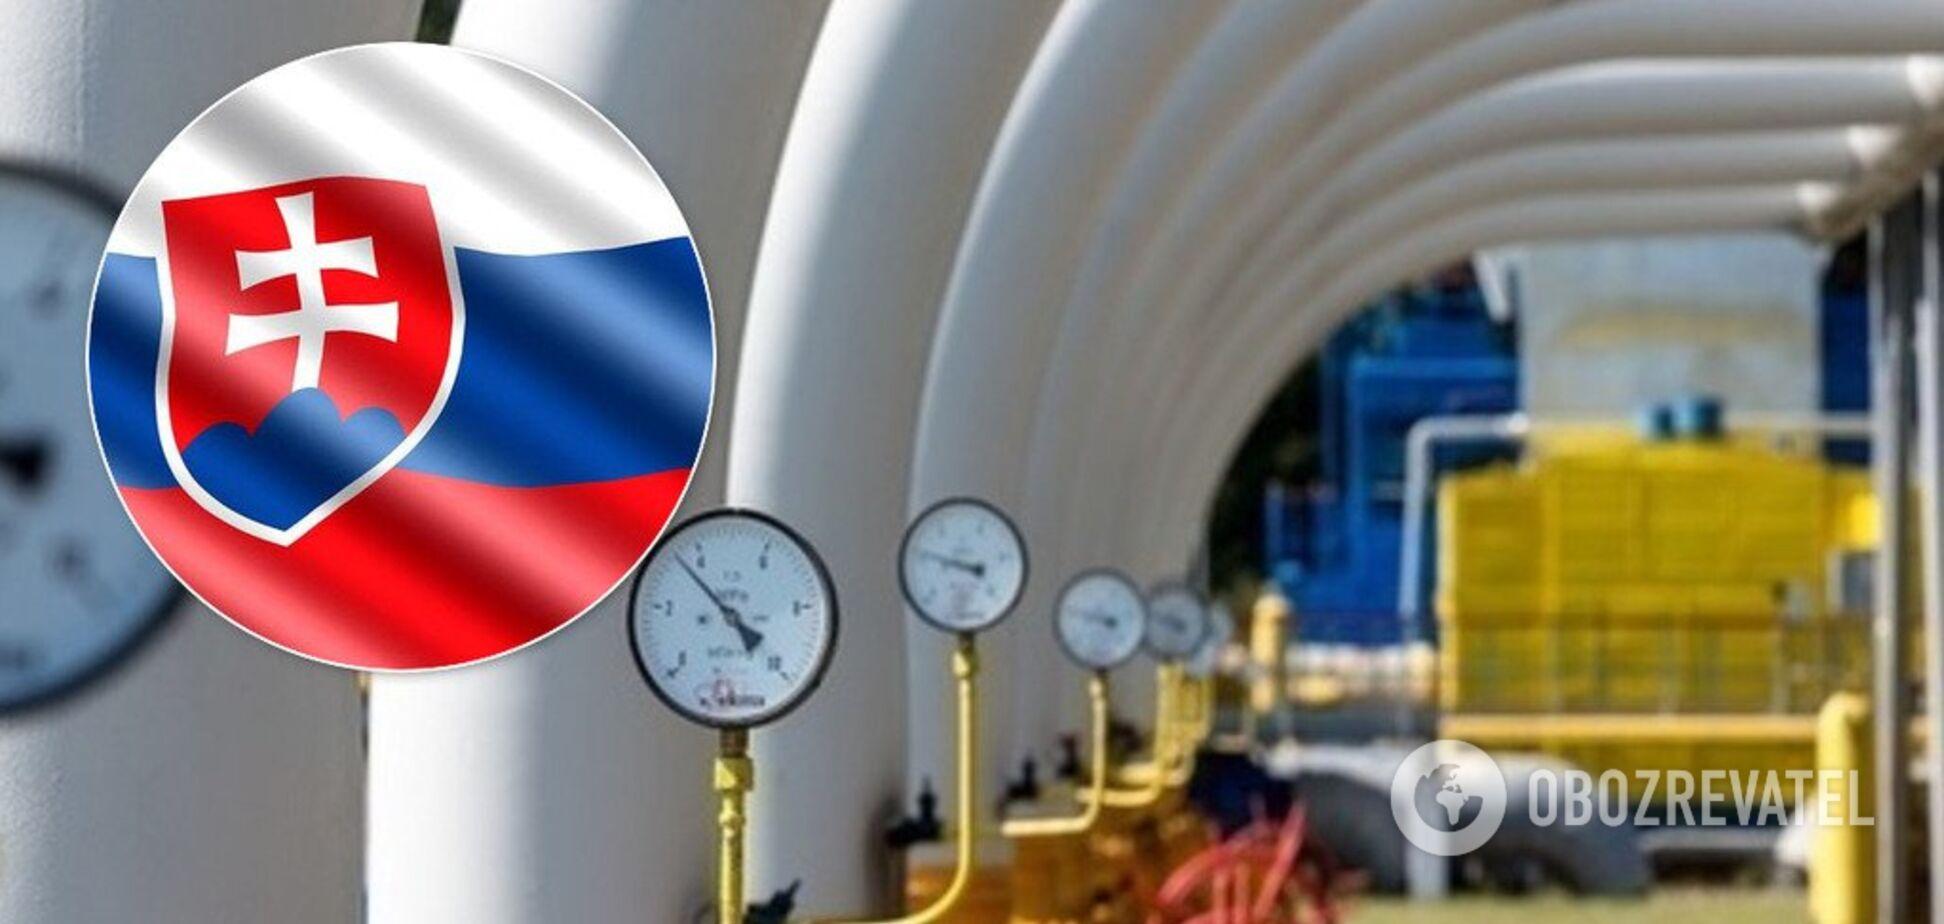 Україна уклала важливу газову угоду з країною-сусідом